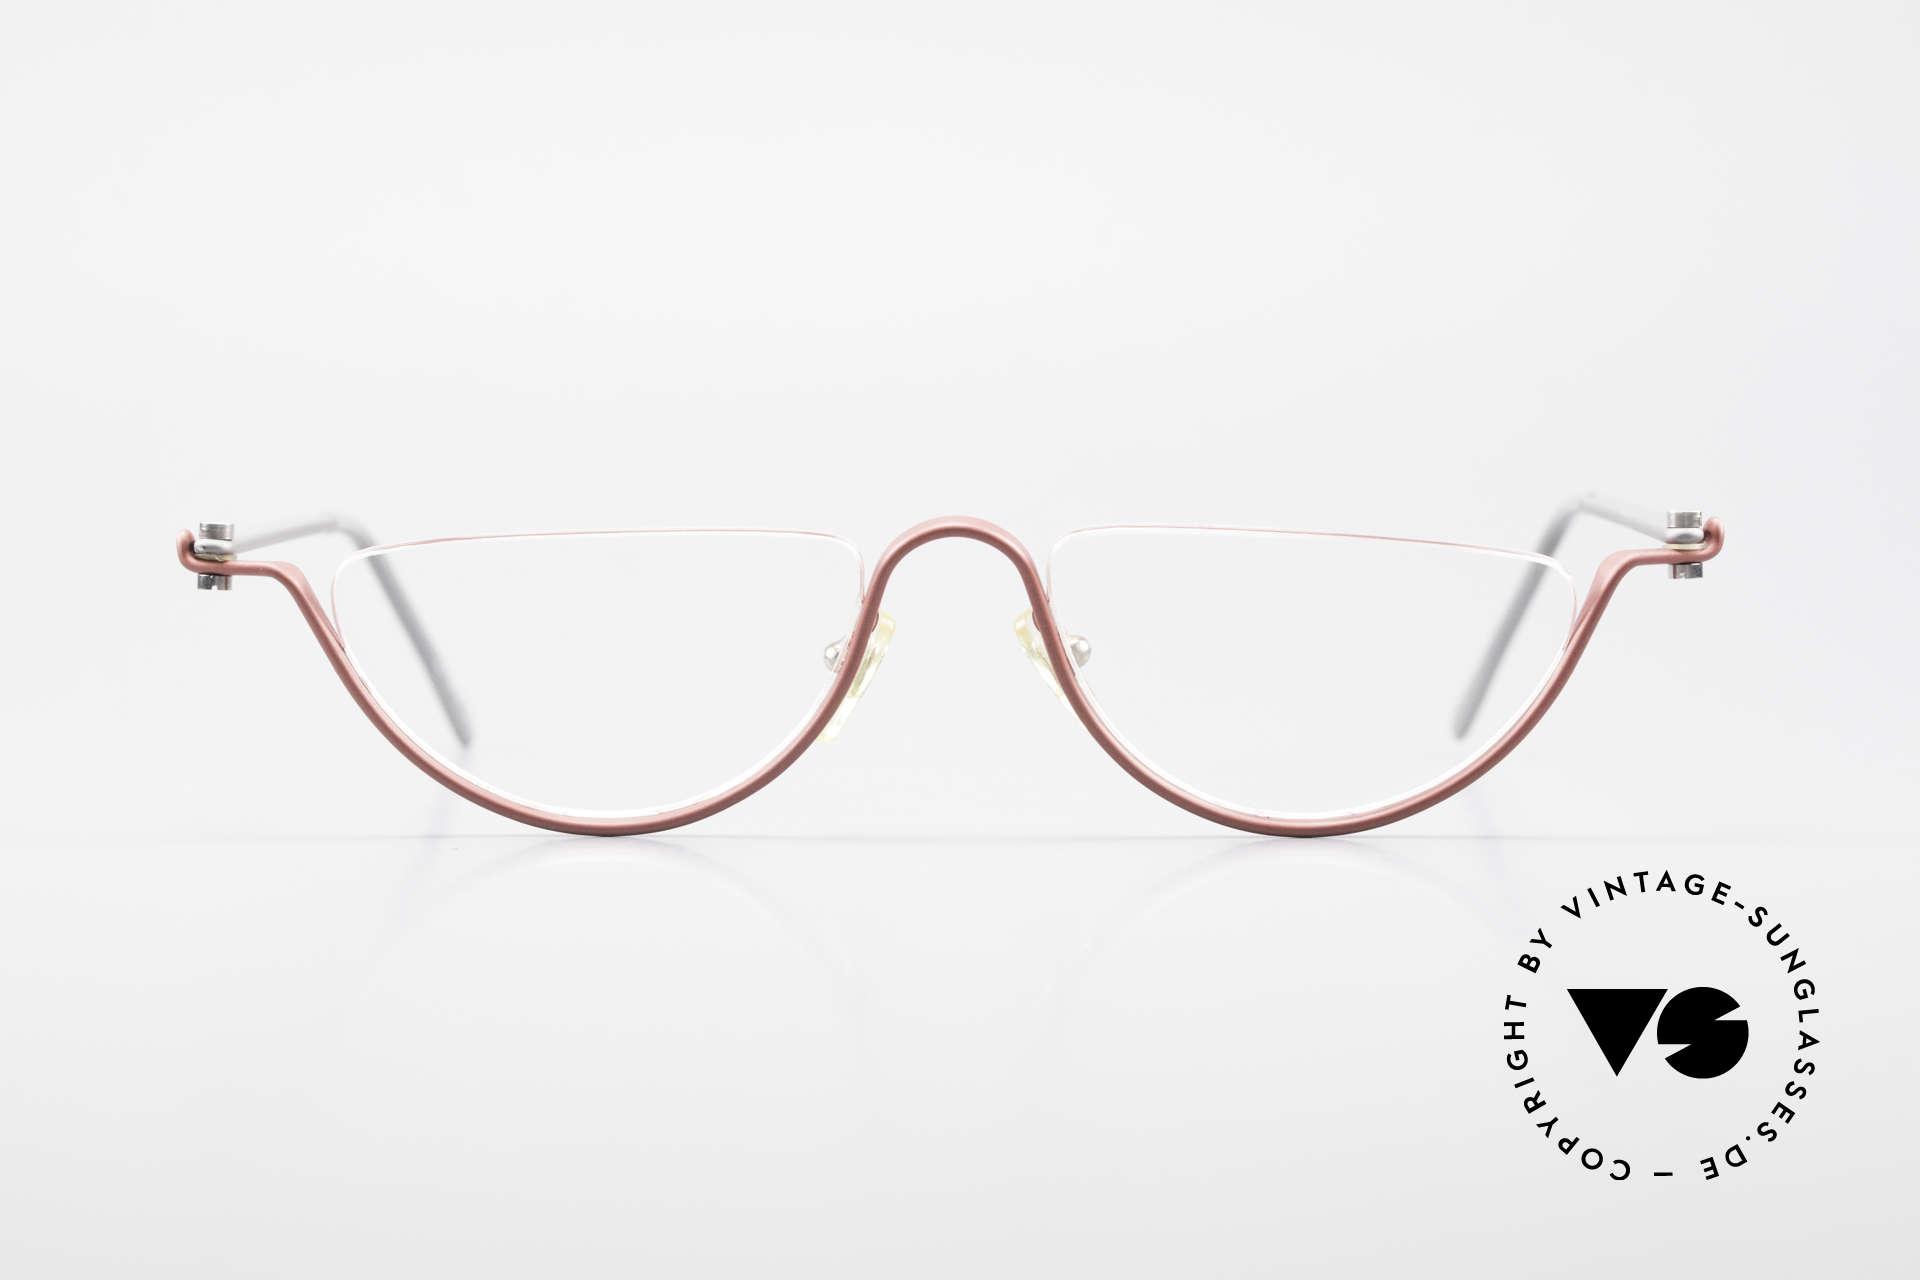 ProDesign No11 Gail Spence Design Eyeglasses, true vintage aluminium frame - Gail Spence Design, Made for Women